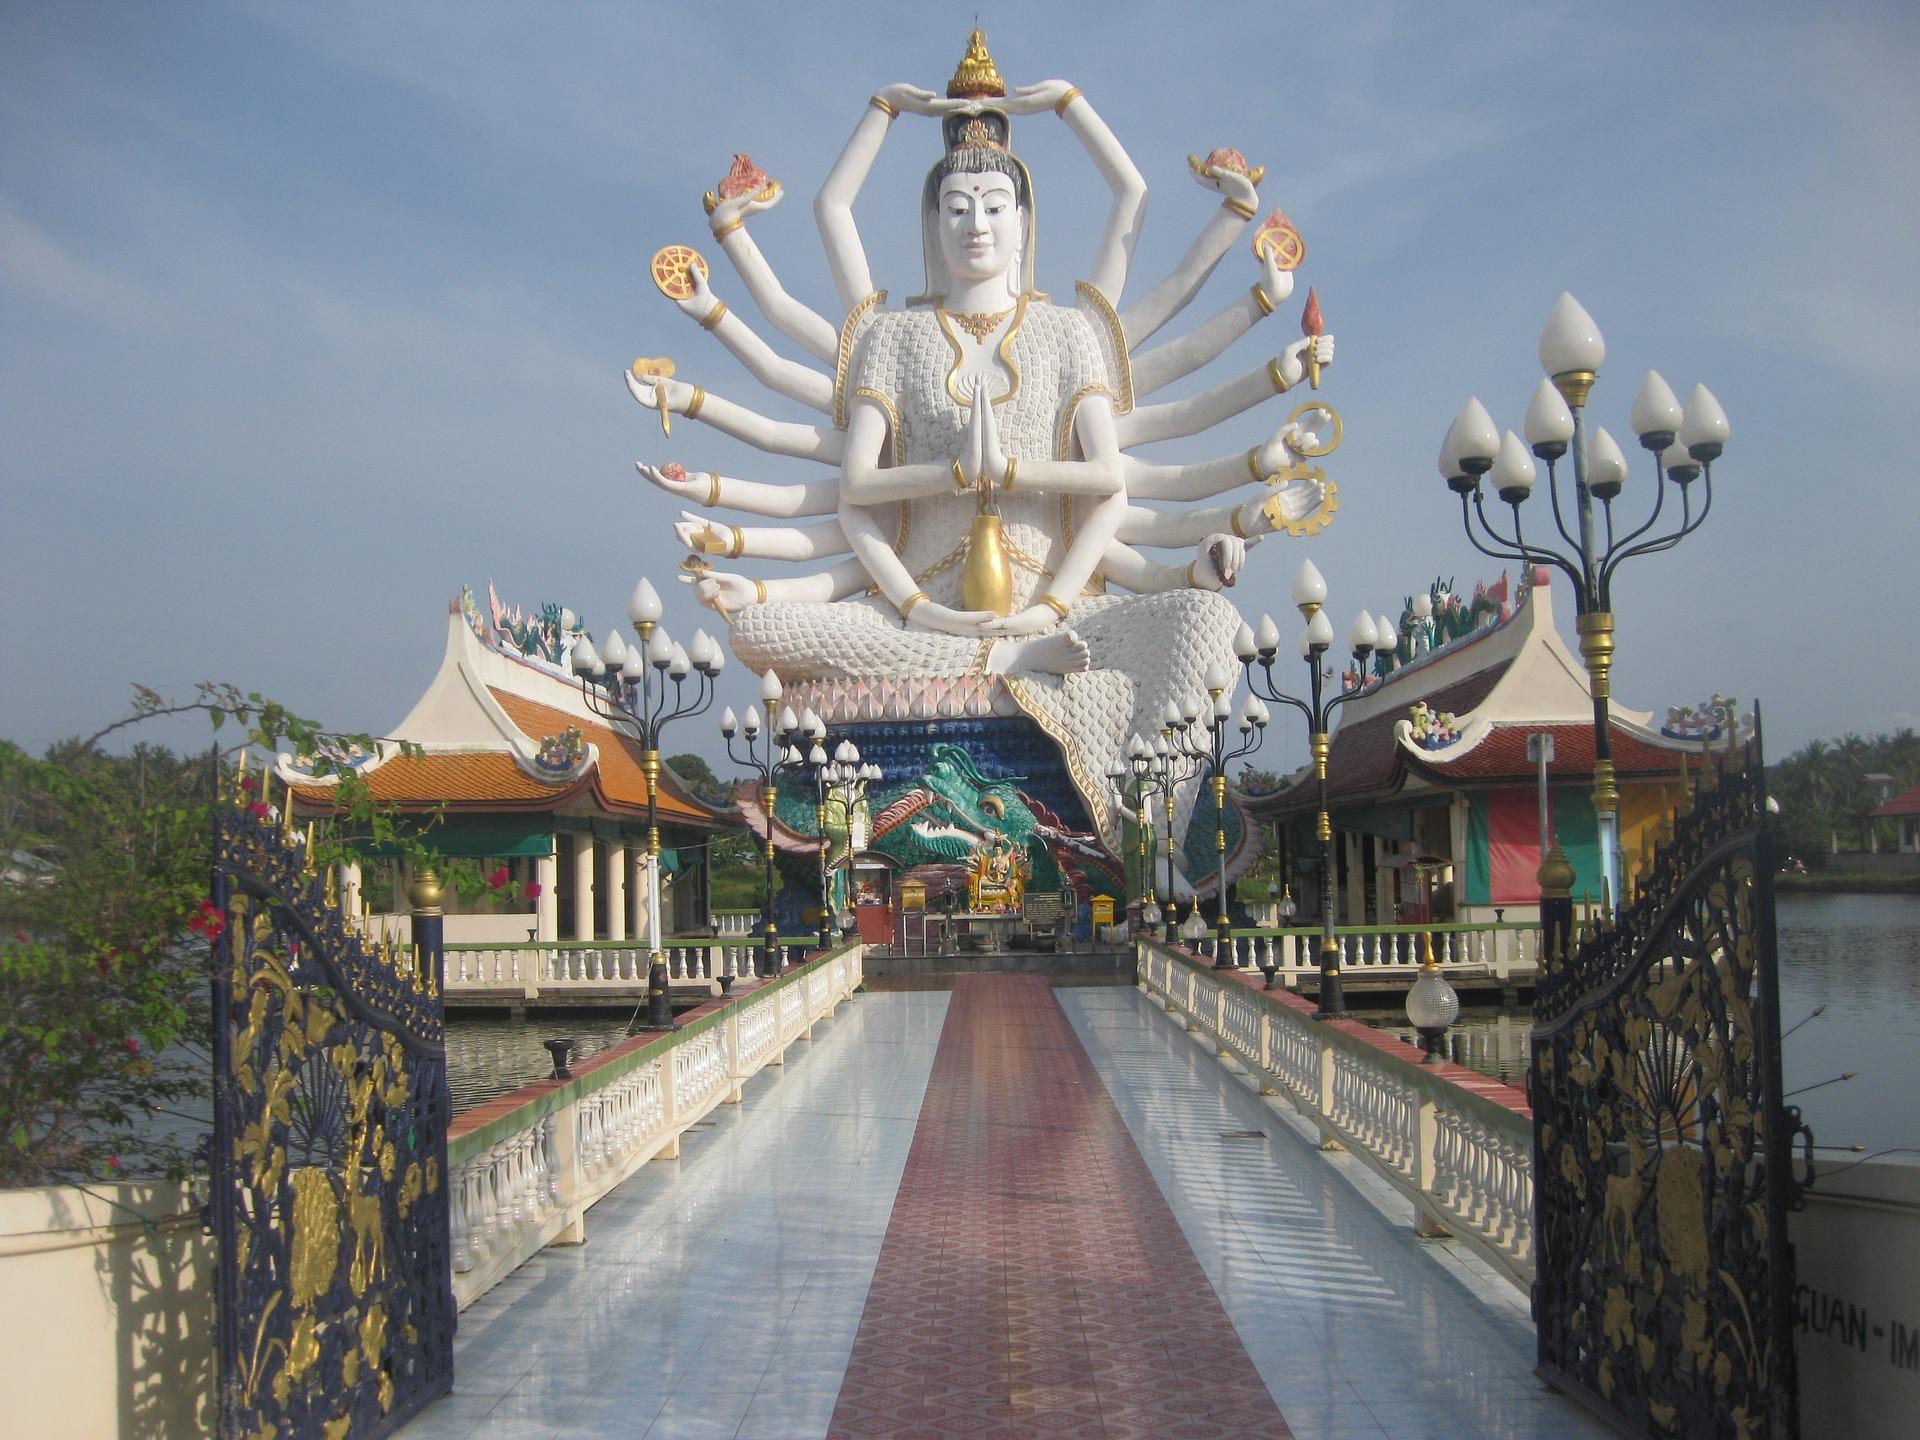 Курорты Таиланда: пляжи, климат, отели, туры